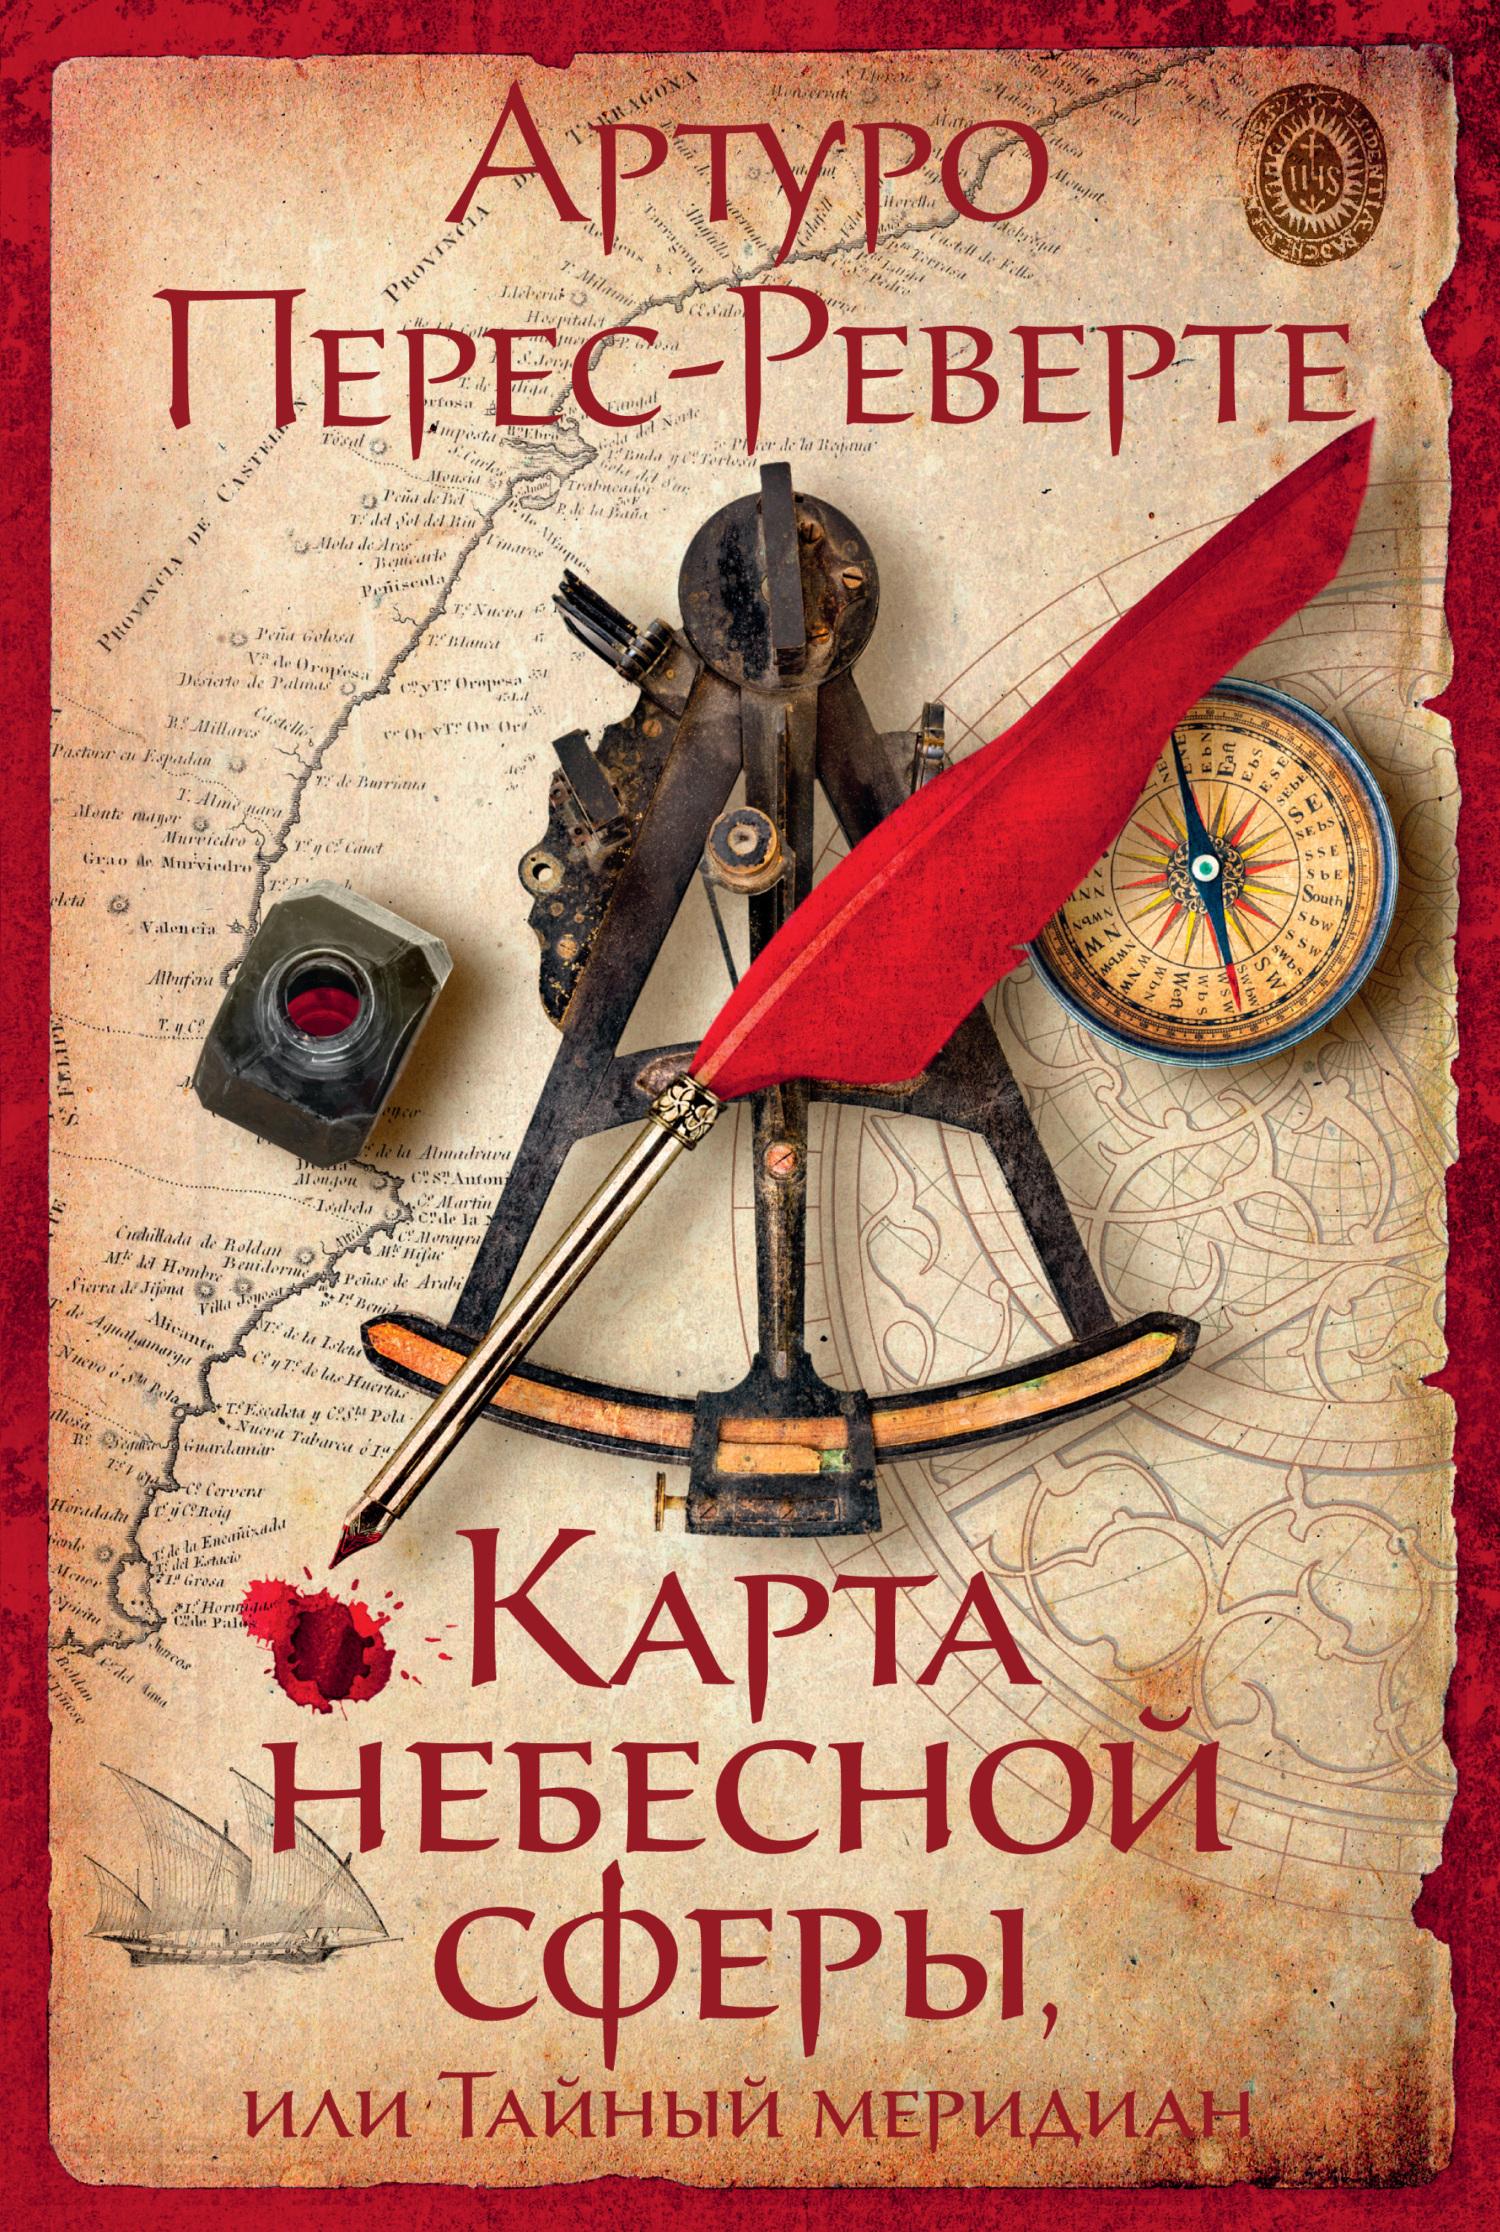 Электронная книга «Карта небесной сферы, или Тайный меридиан» – Артуро Перес-Реверте